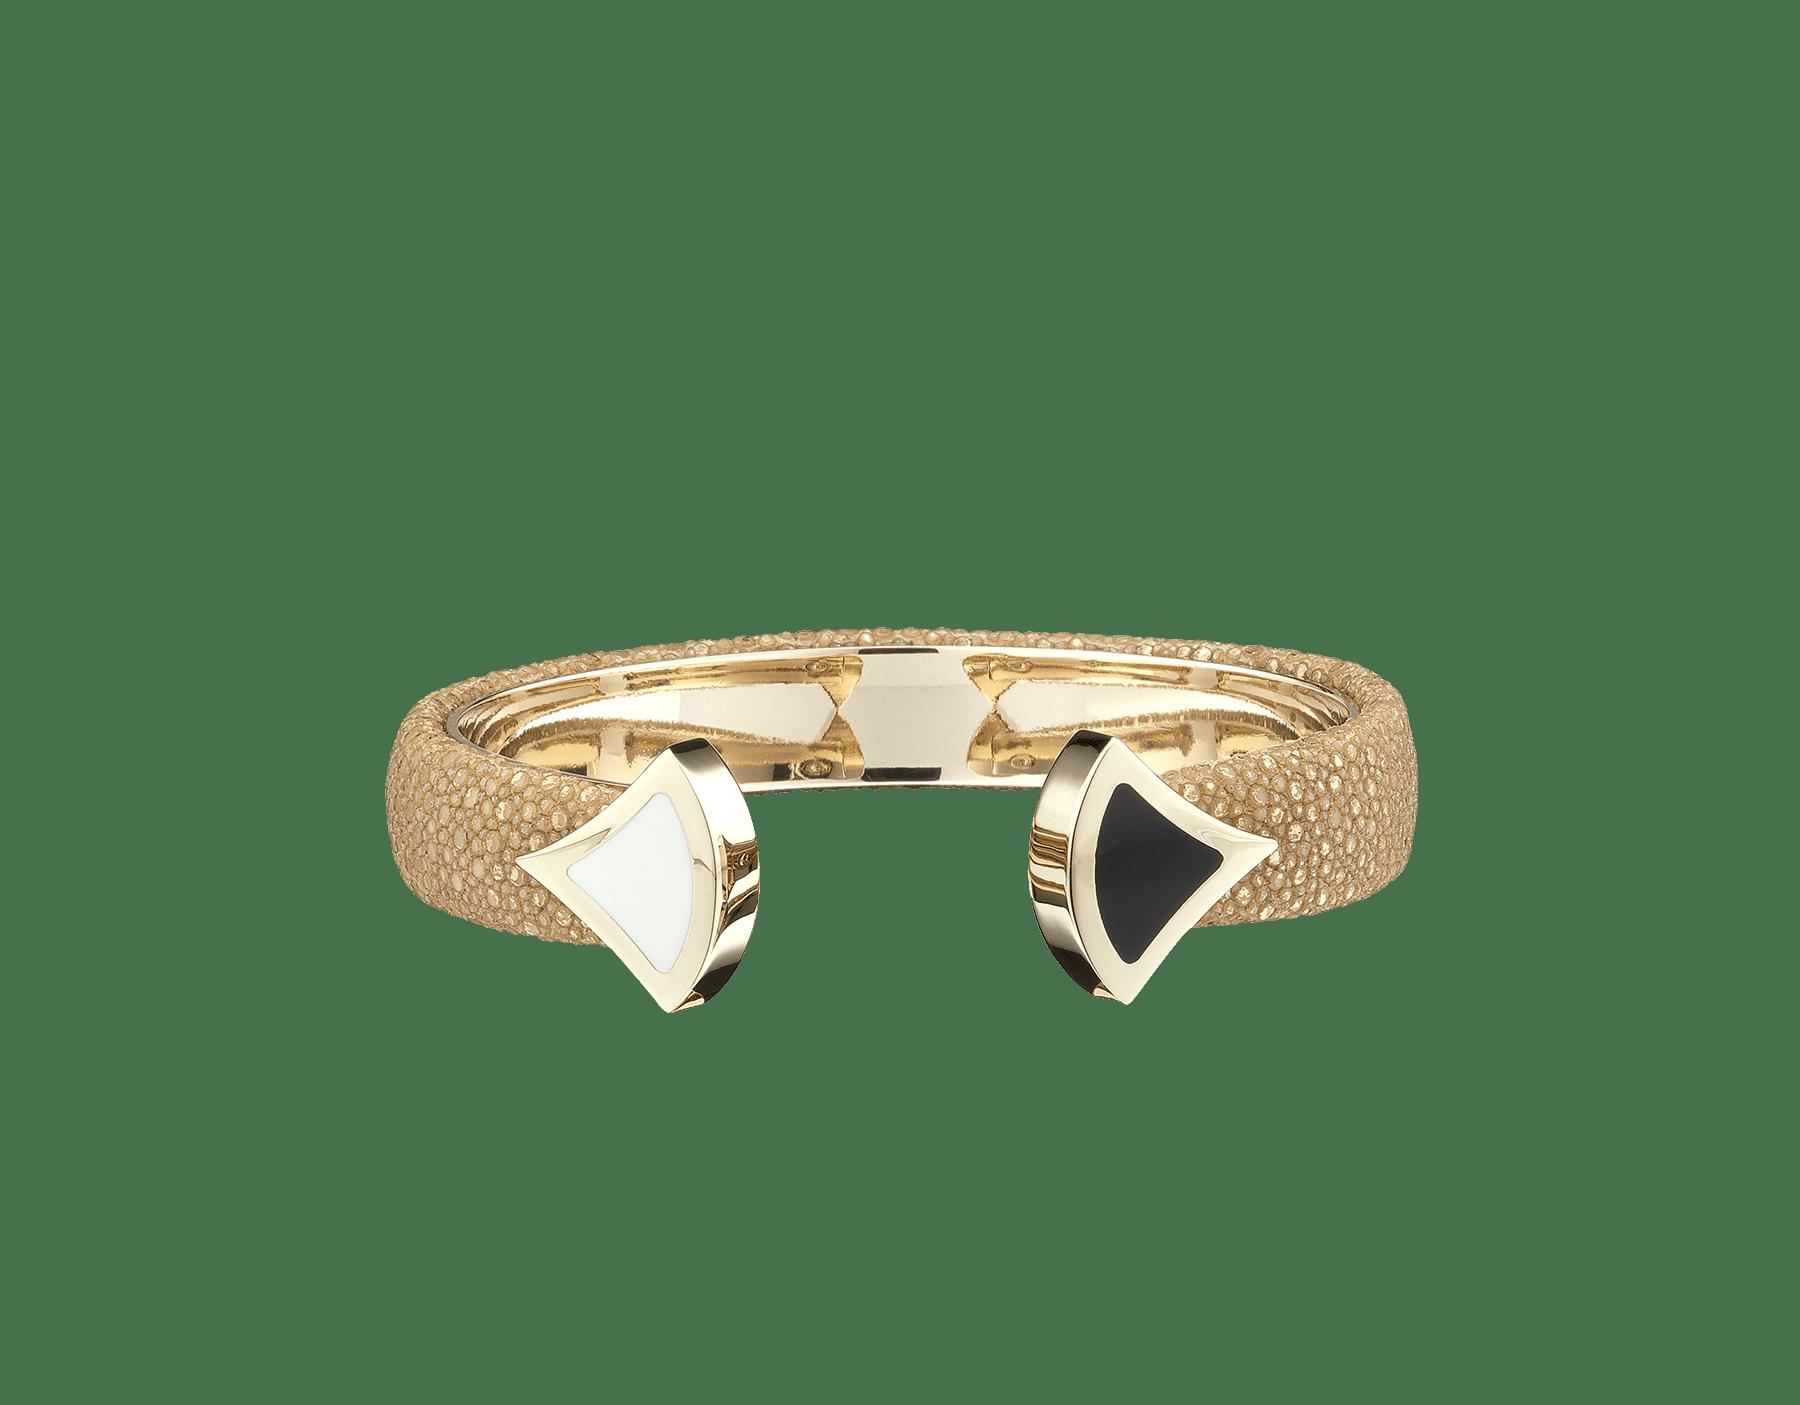 Pulsera de piel de galuchat color jade glicinia con emblemático cierre Contraire con motivo DIVAS' DREAM de latón bañado en oro claro y esmalte blanco y negro. DIVA-CONTRAIR-S image 3